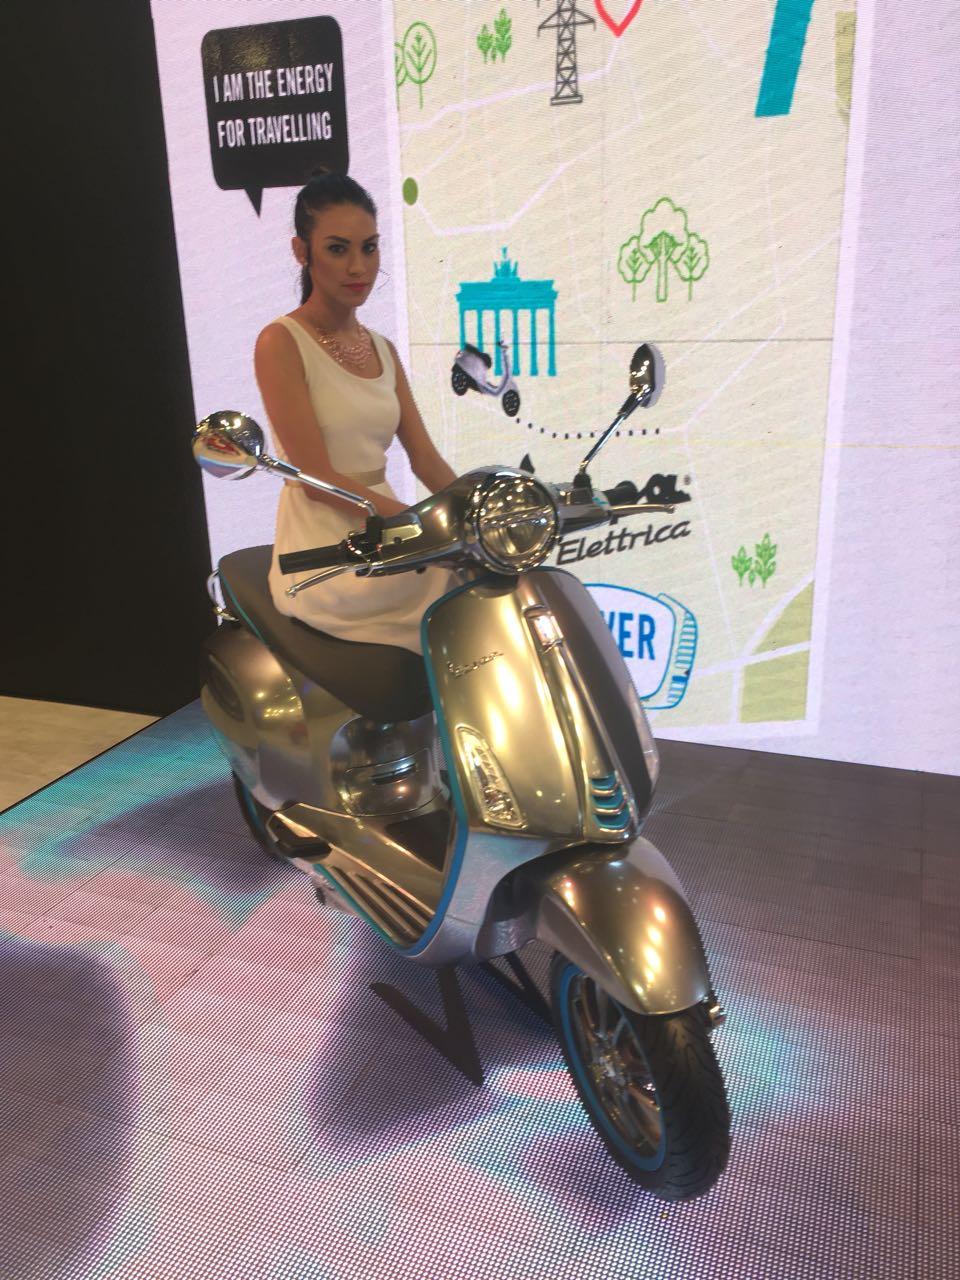 <p>The Vespa Elettrica scooter at the Piaggio stall at the Auto Expo 2018, Hall no. 2, stand no. E-40</p>